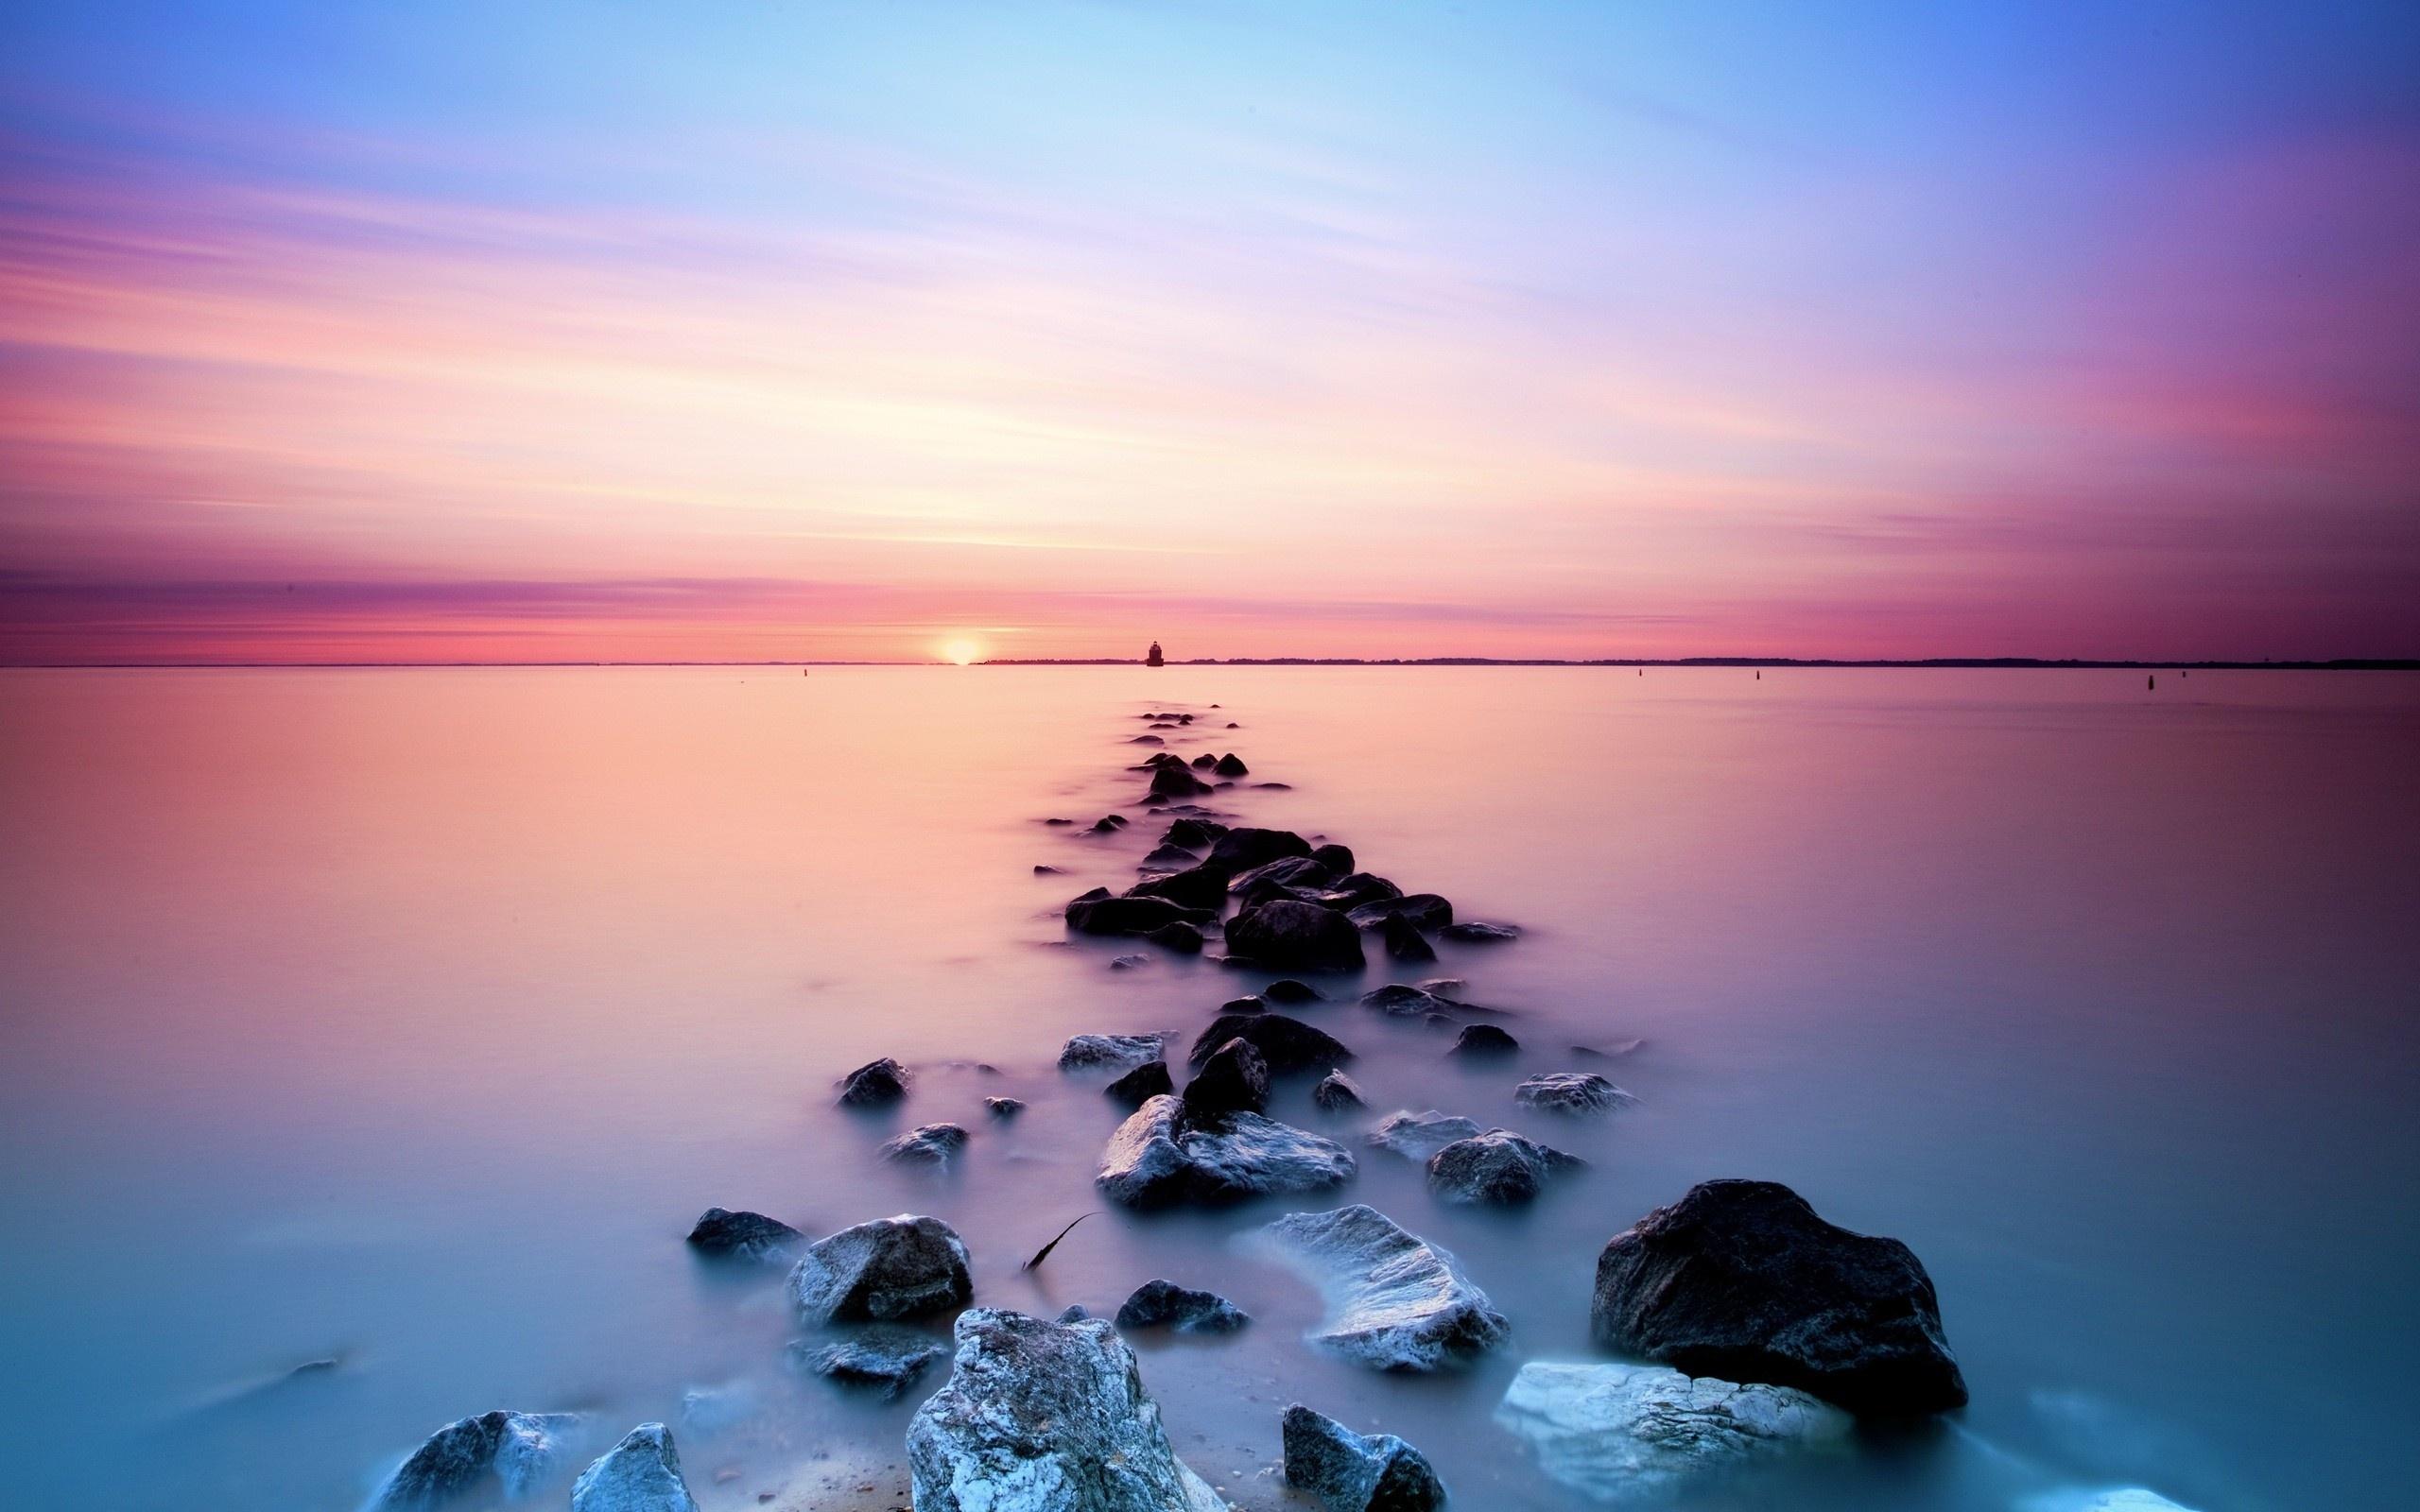 Wallpaper Pastel Sunset Beach 2560x1600